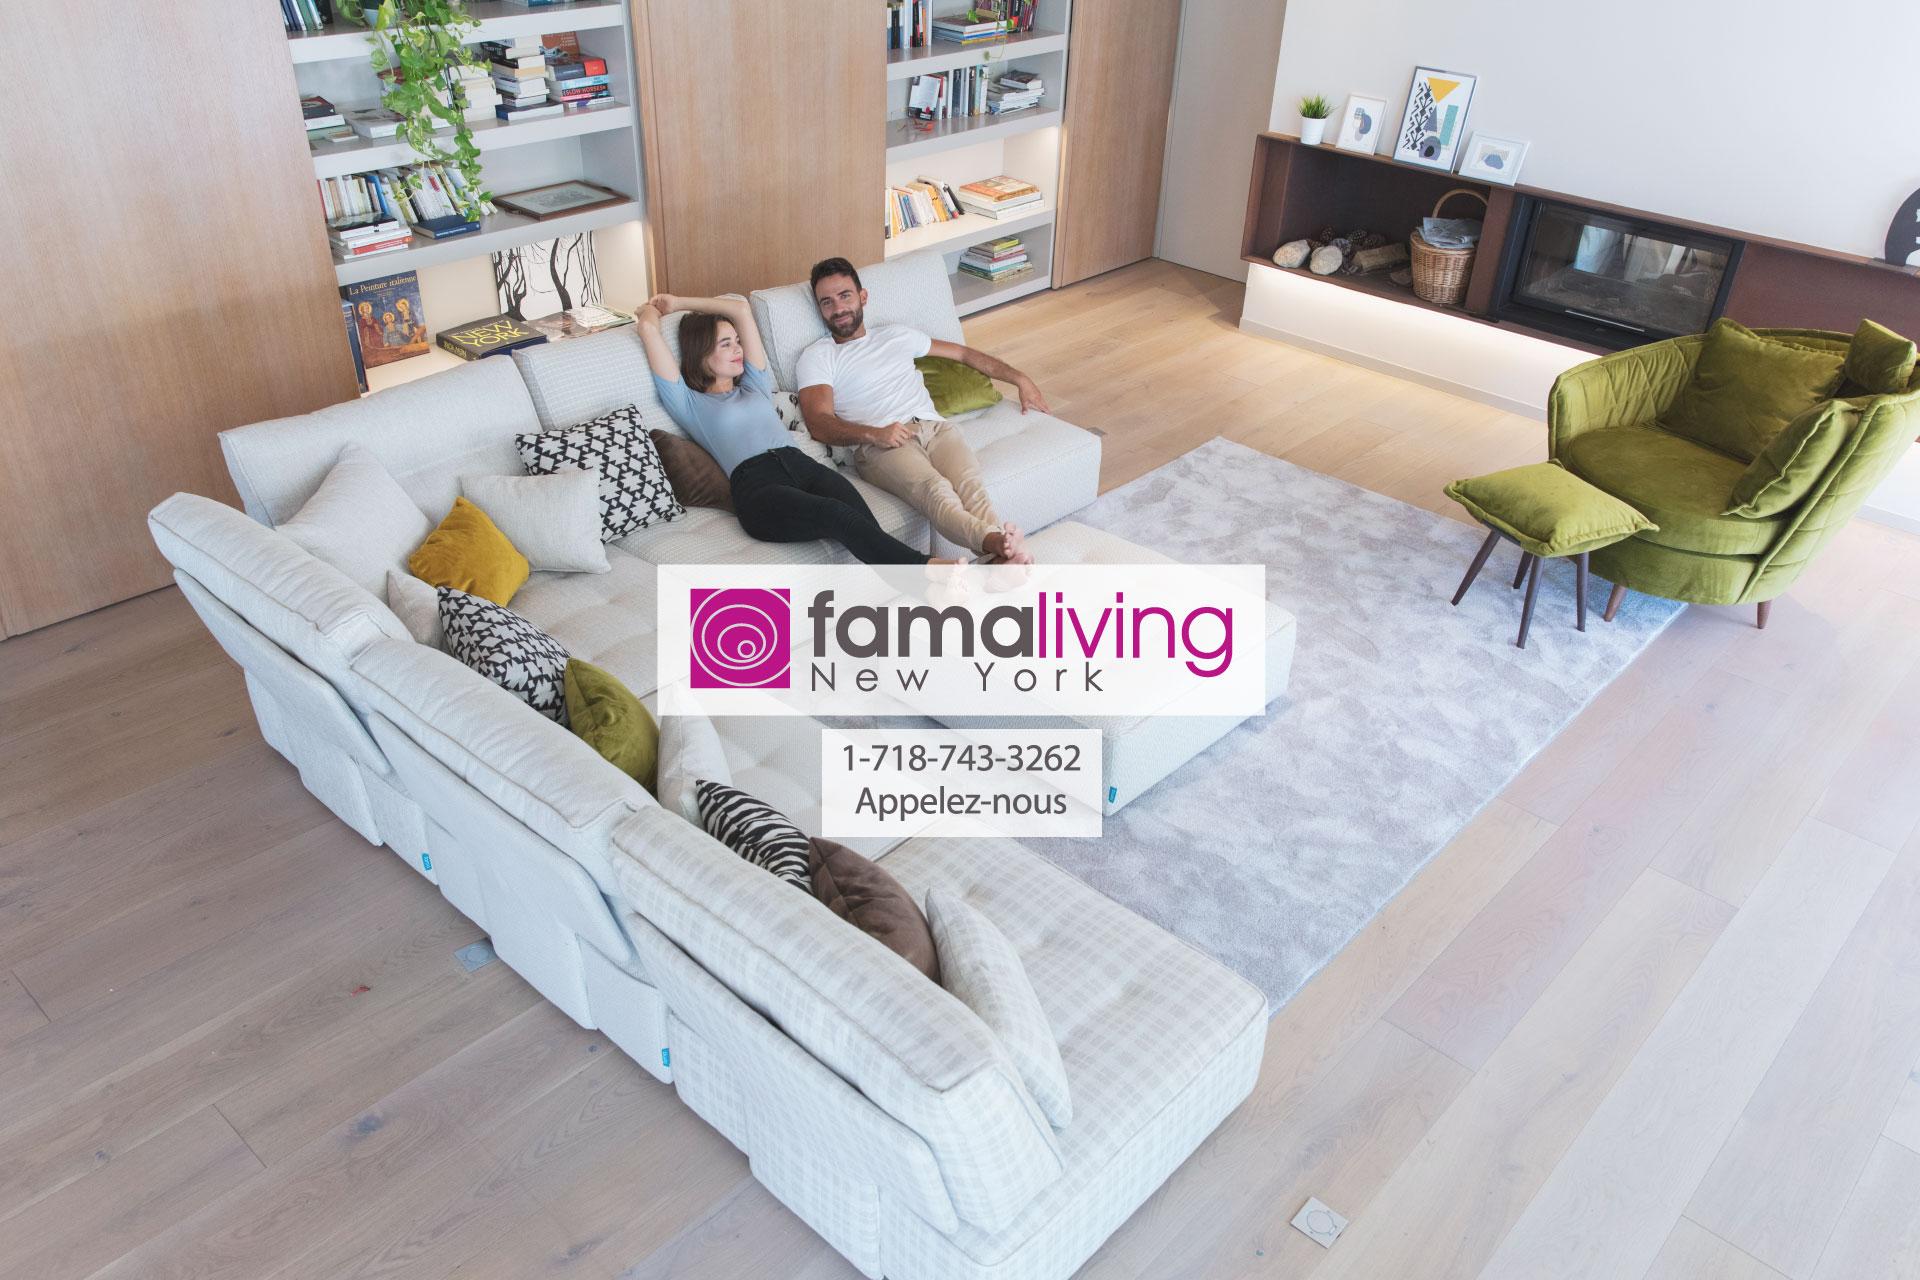 https://www.famaliving.com/new-york-fr